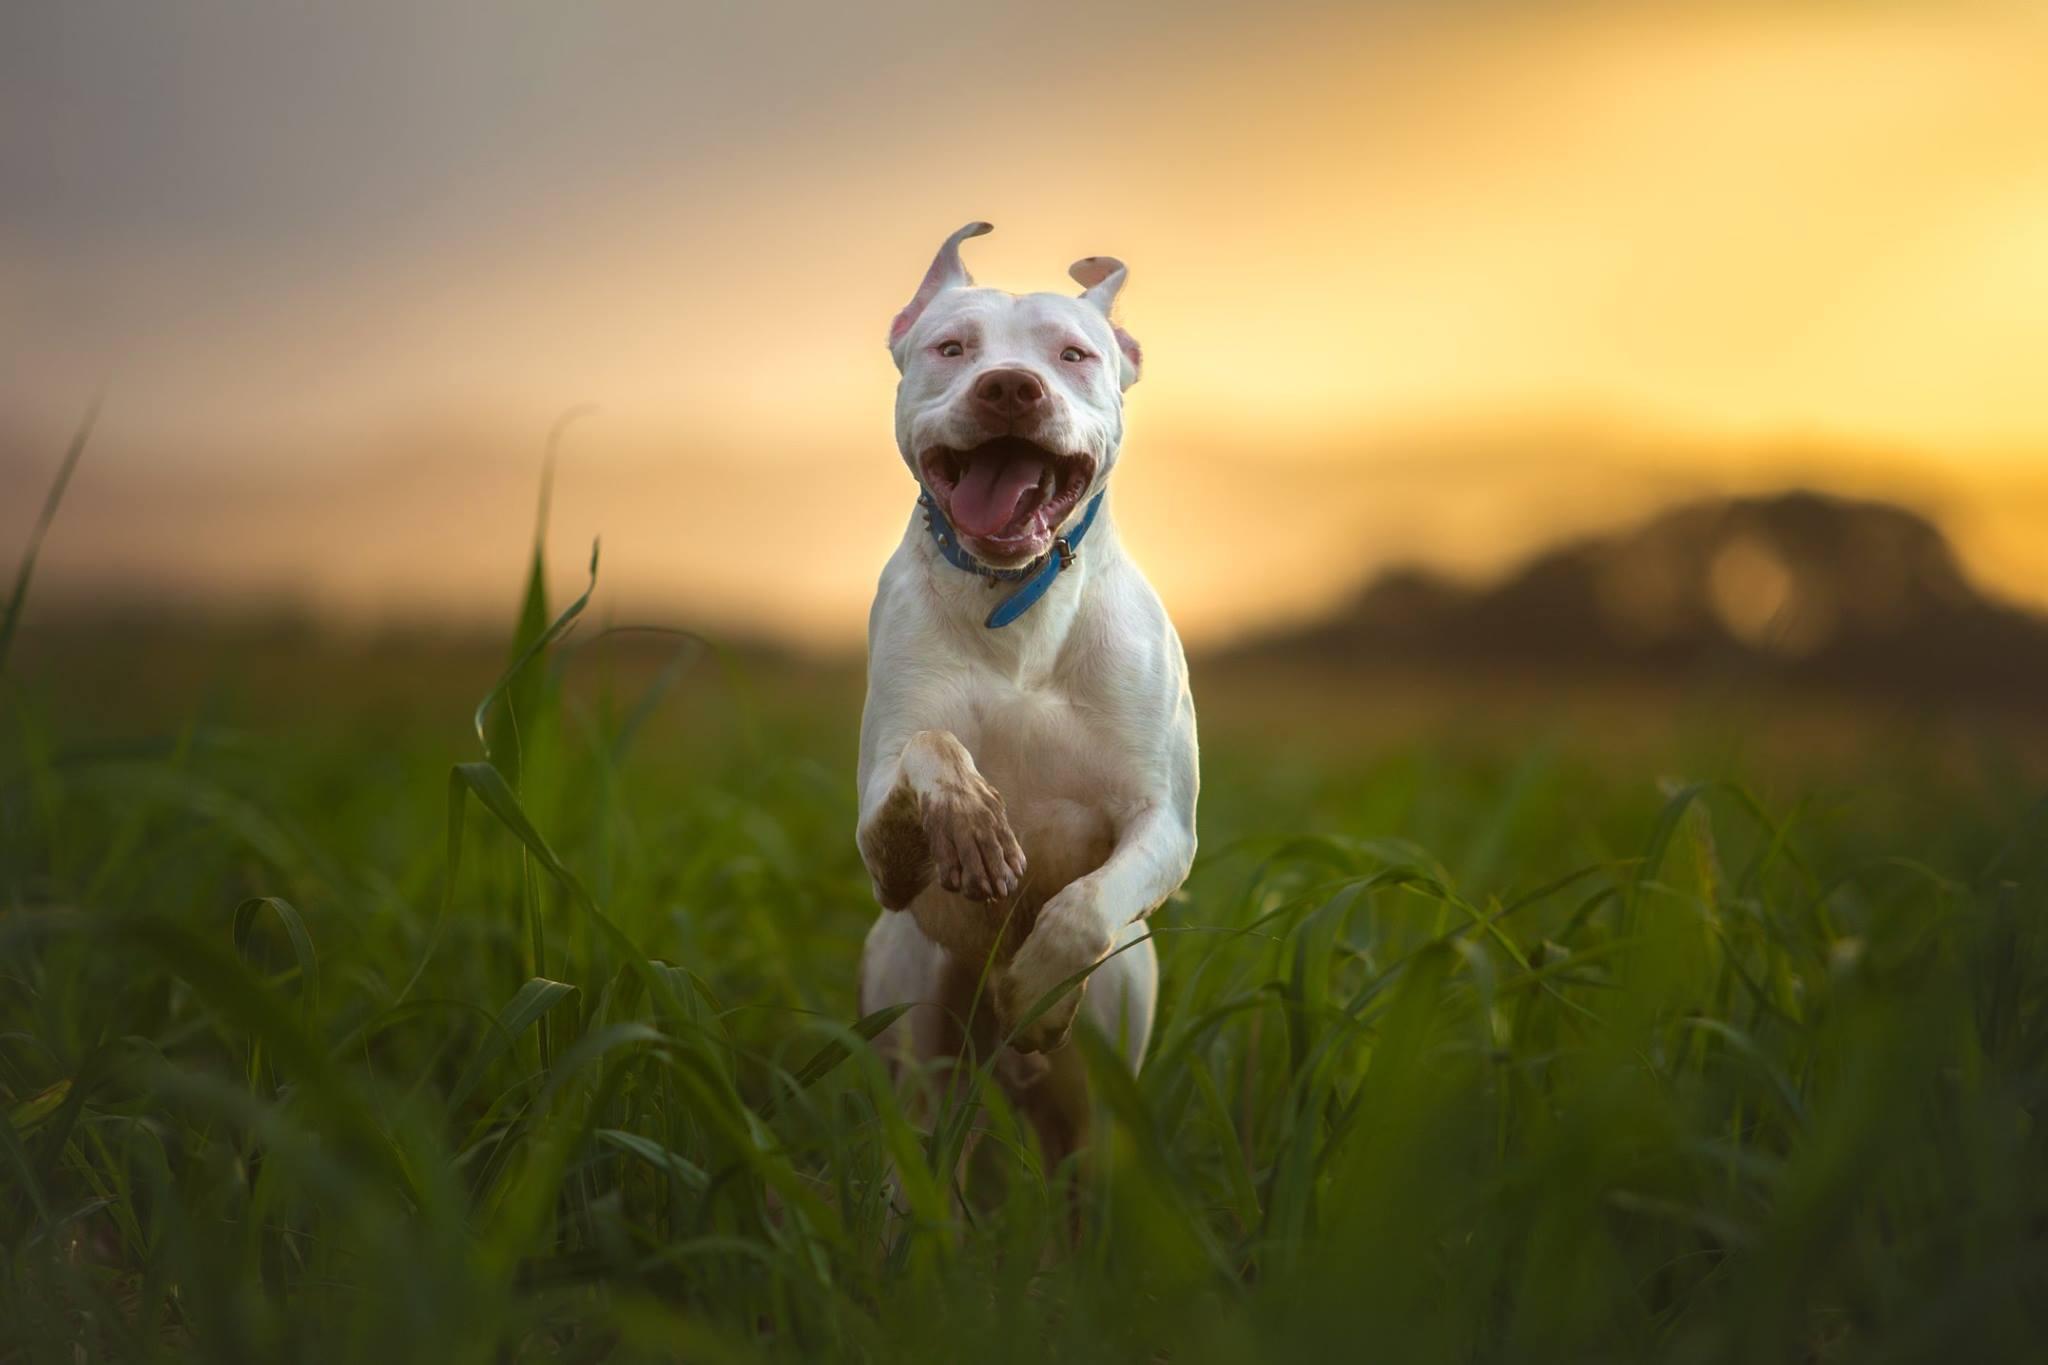 Uploads/BackgroundImage/White-Dog-Leaping.jpg